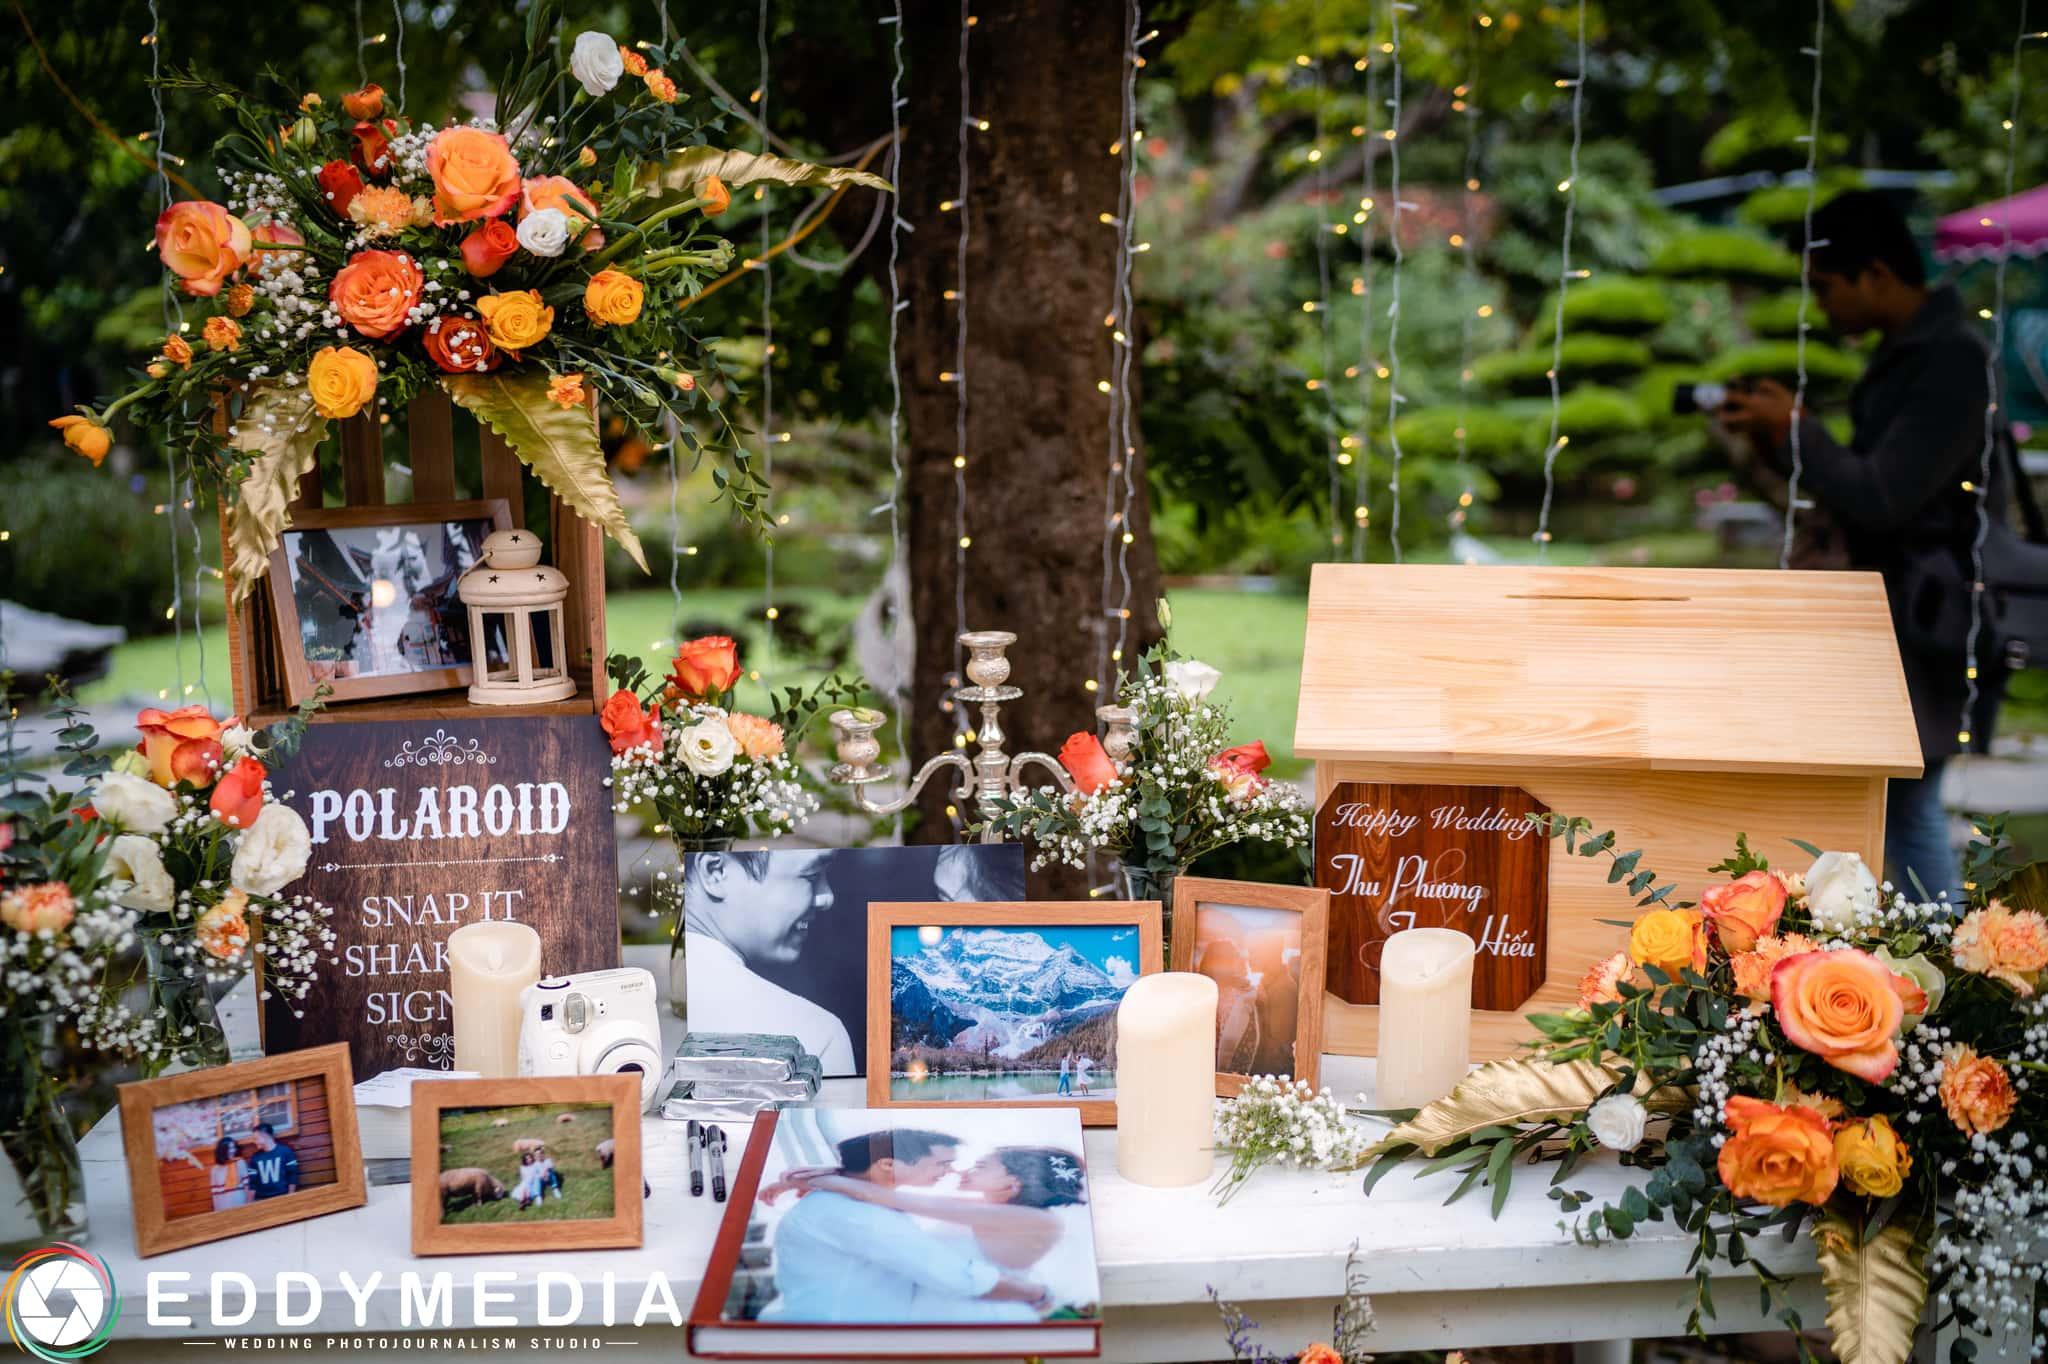 Phongsucuoi TrungHieu ThuPhuong EddyMedia 62 tiệc cưới ngoài trời